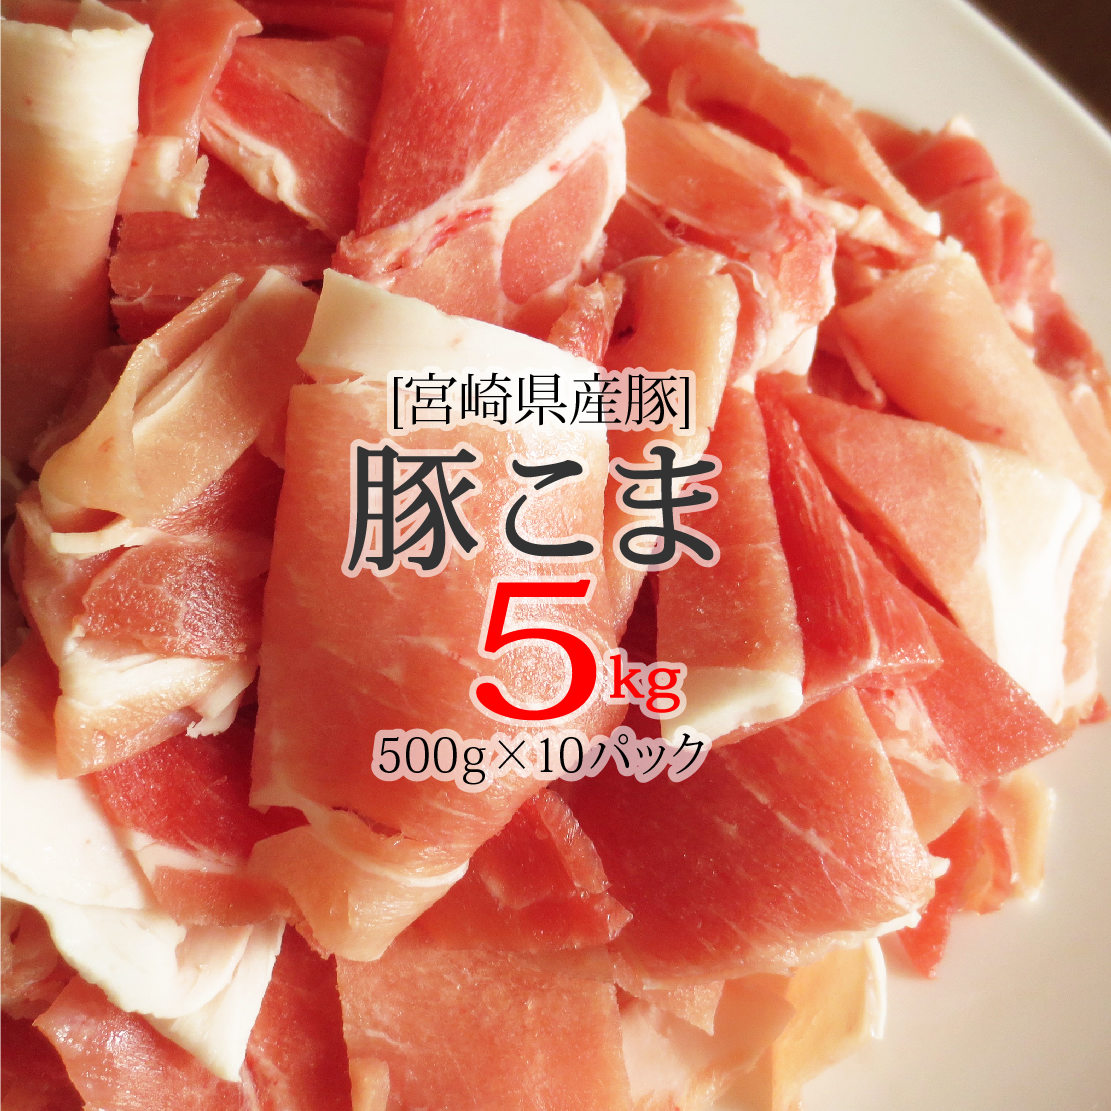 【ふるさと納税】 宮崎県産 豚 こま肉 5kg (500g×10パック)豚肉 こま切れ 普段使い 冷凍 小分け 送料無料